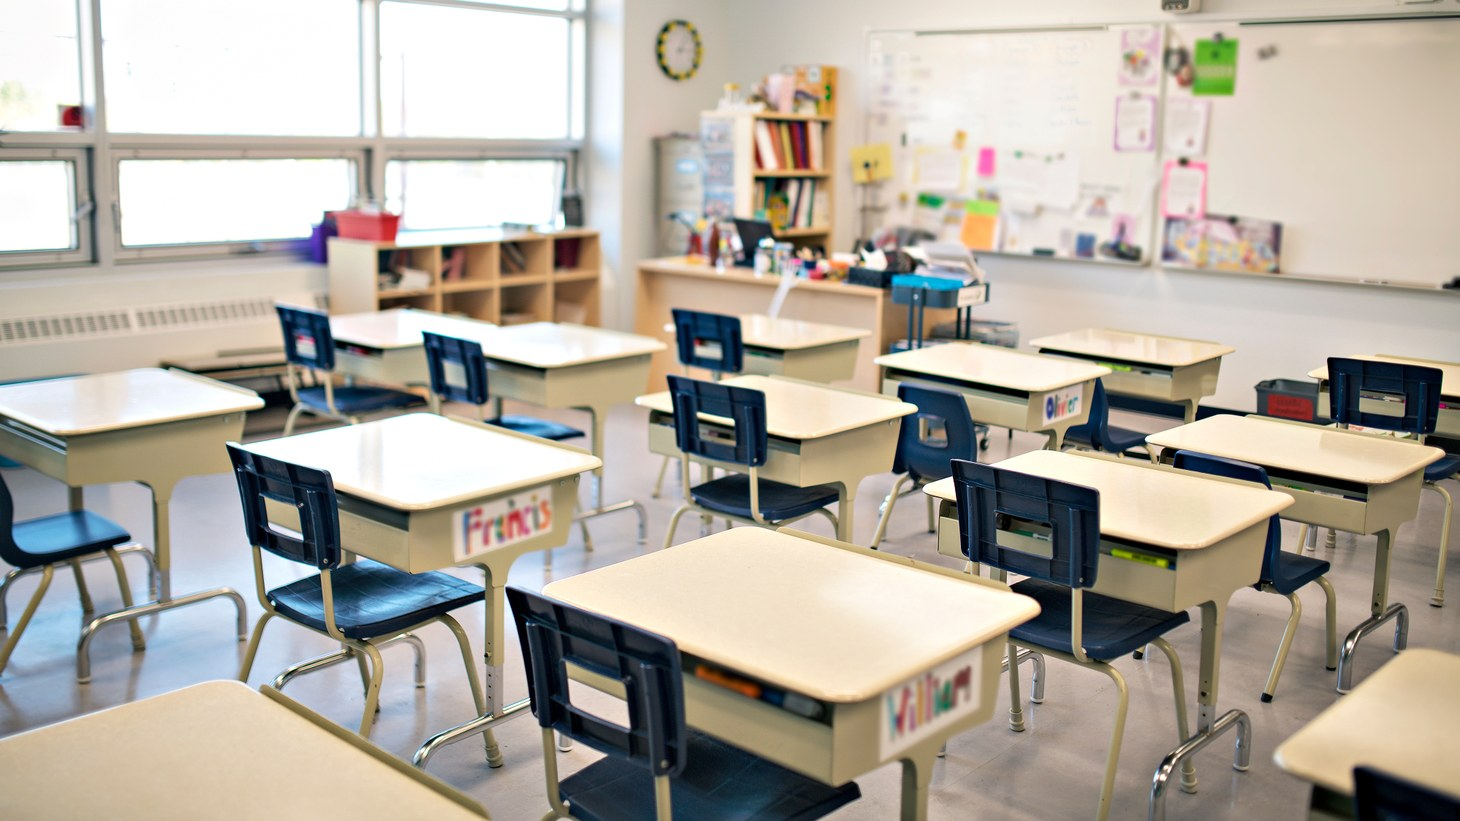 疫情导致的教师缺乏营销全美,单洛杉矶联合学区有超500个教师空缺